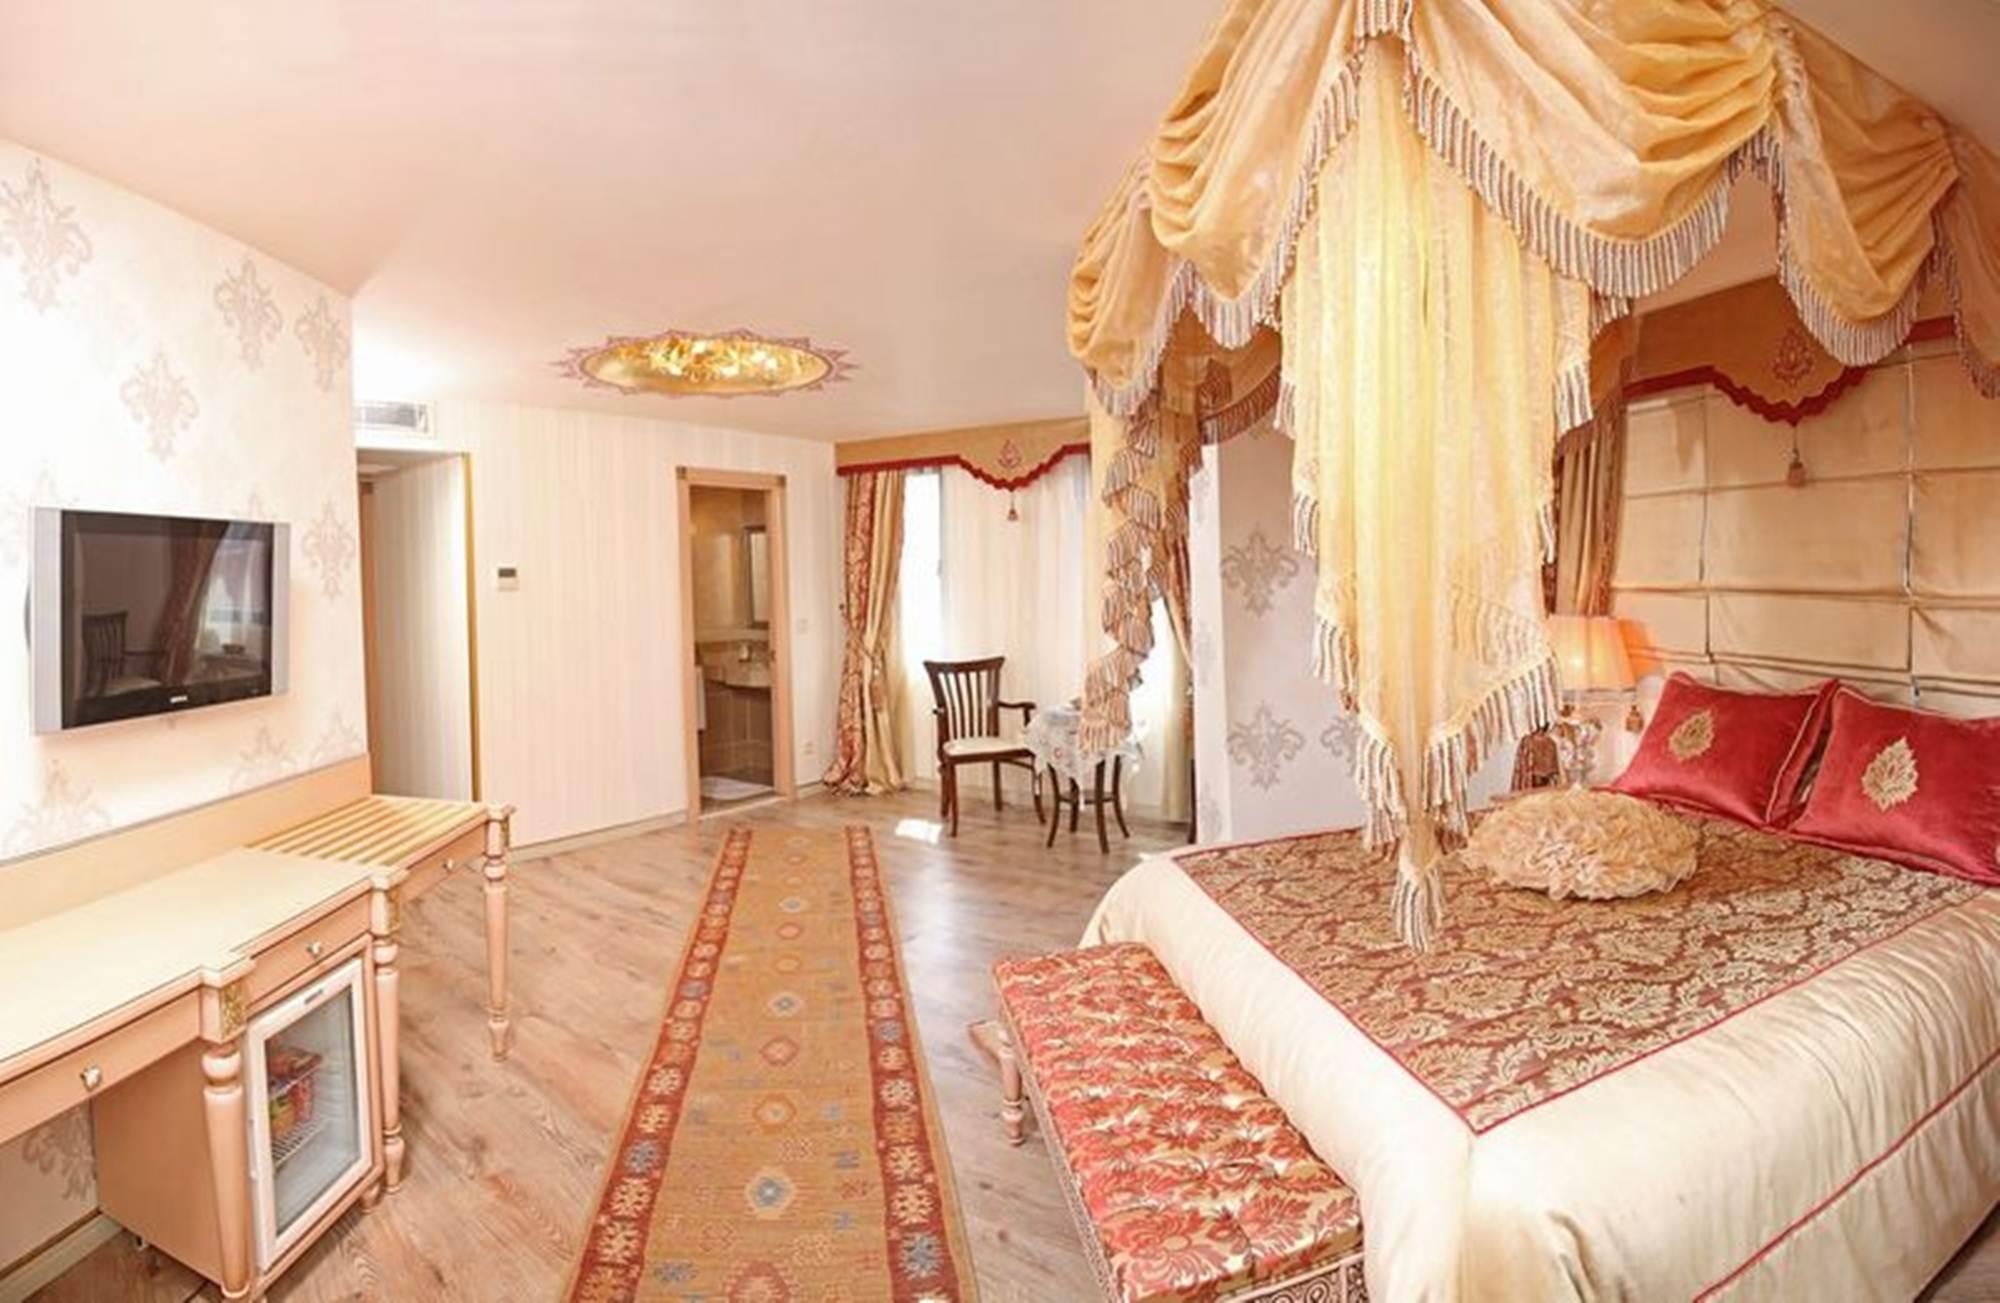 Hotel en estambul albatros premier estambul de mejorhotel for Cajeros santander sevilla